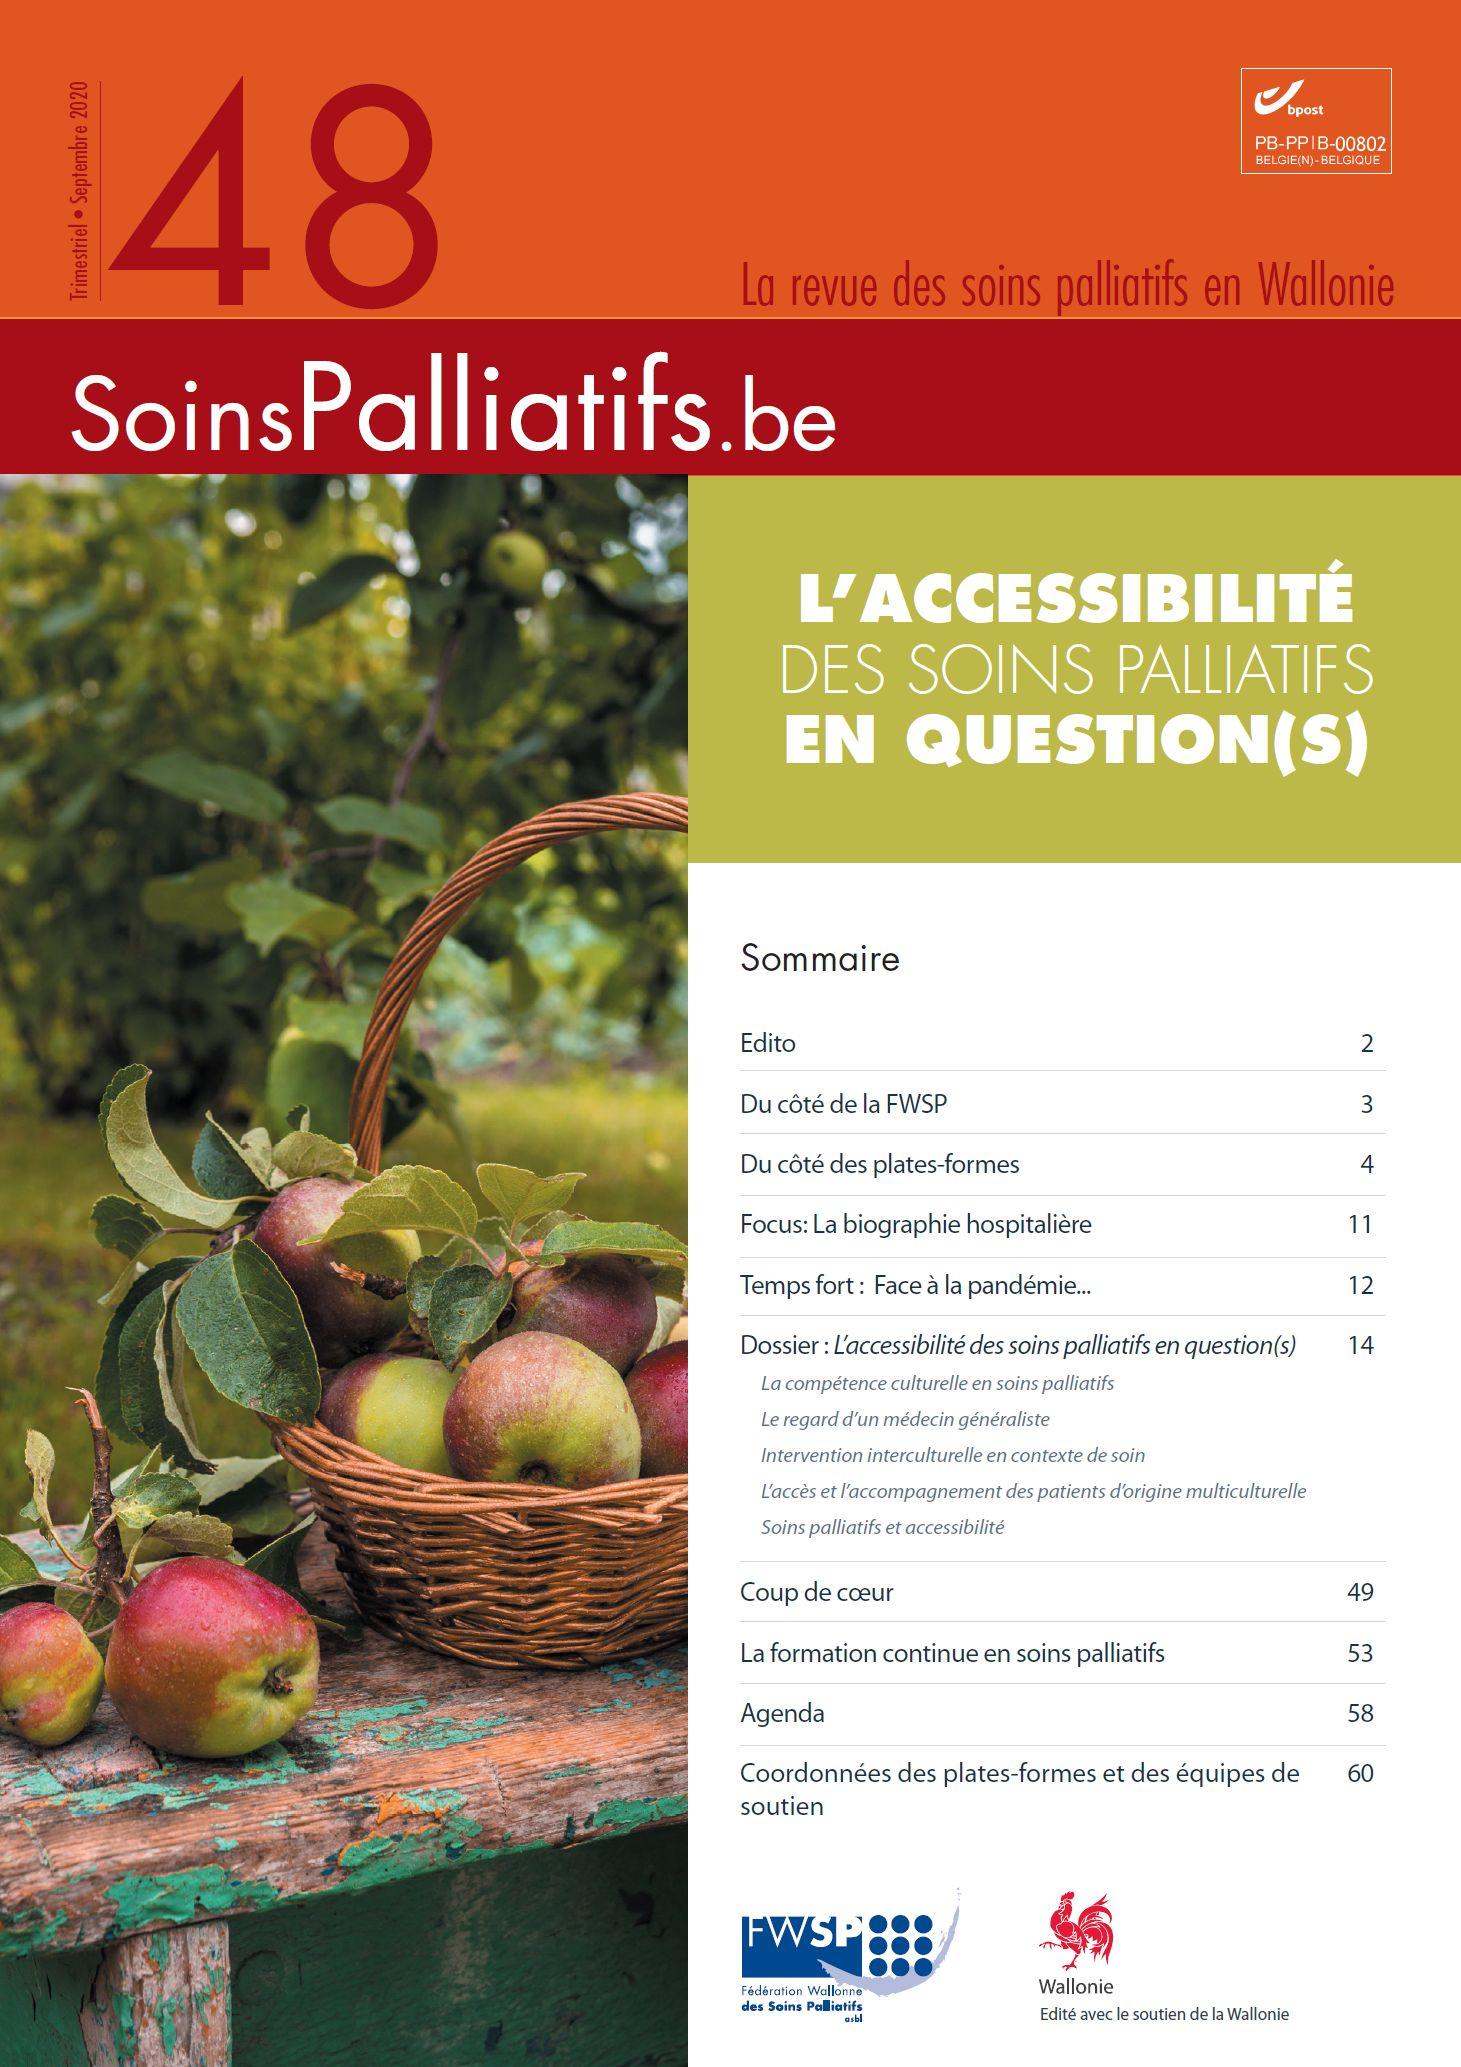 L'accessibilité des soins palliatifs en question(s)